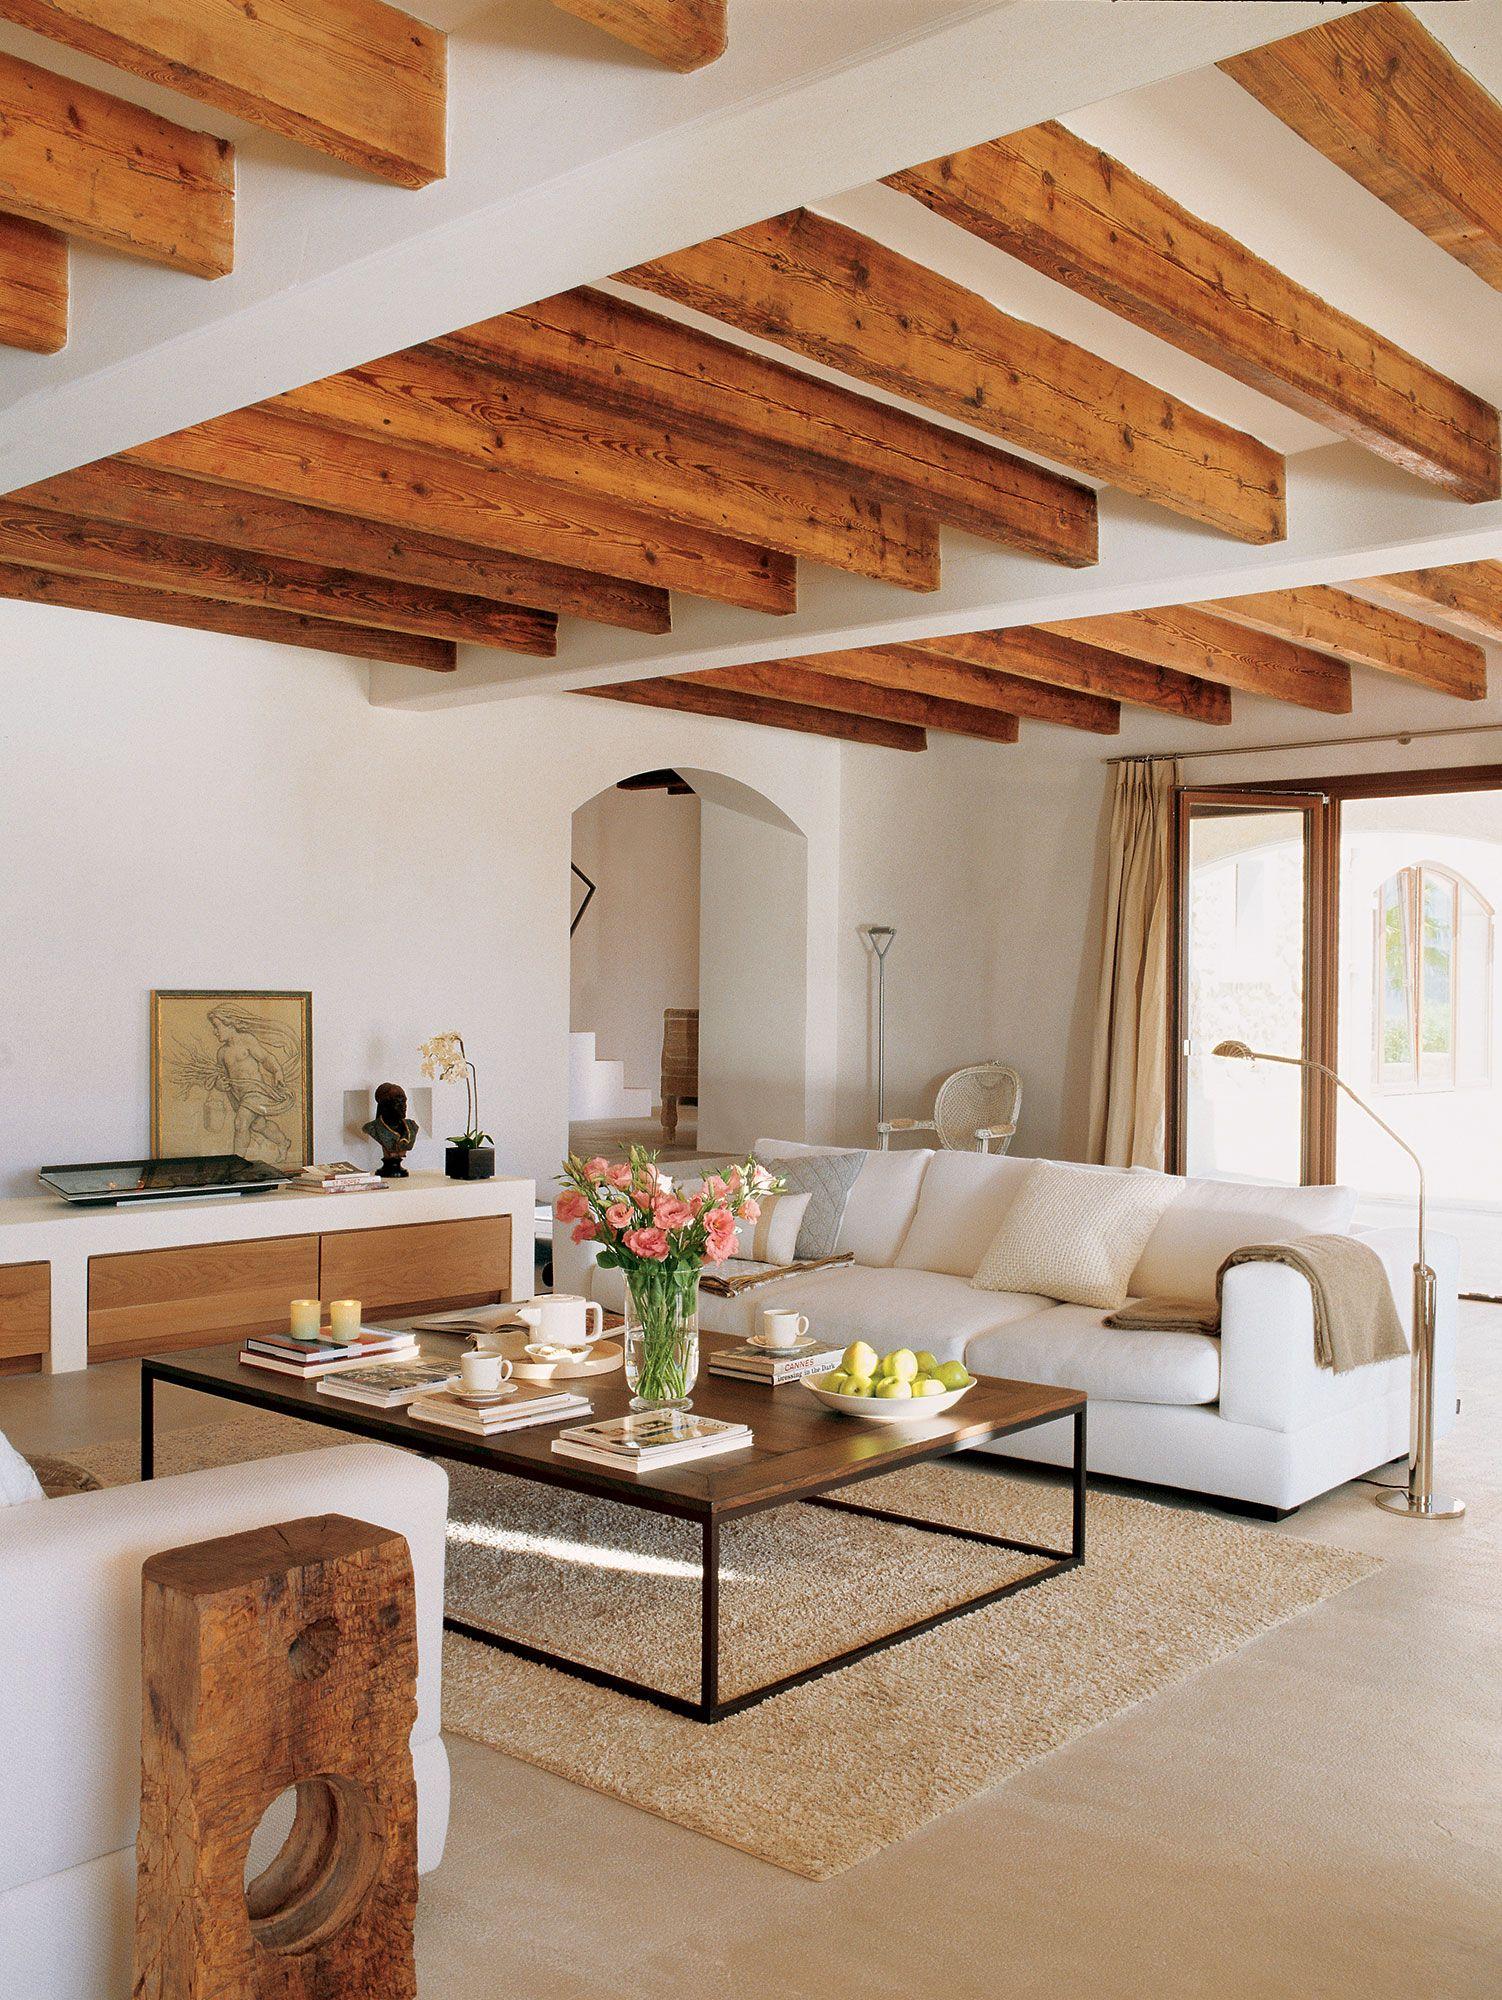 Decorar Con Vigas Recuperadas Home Home Interior Design Home Living Room